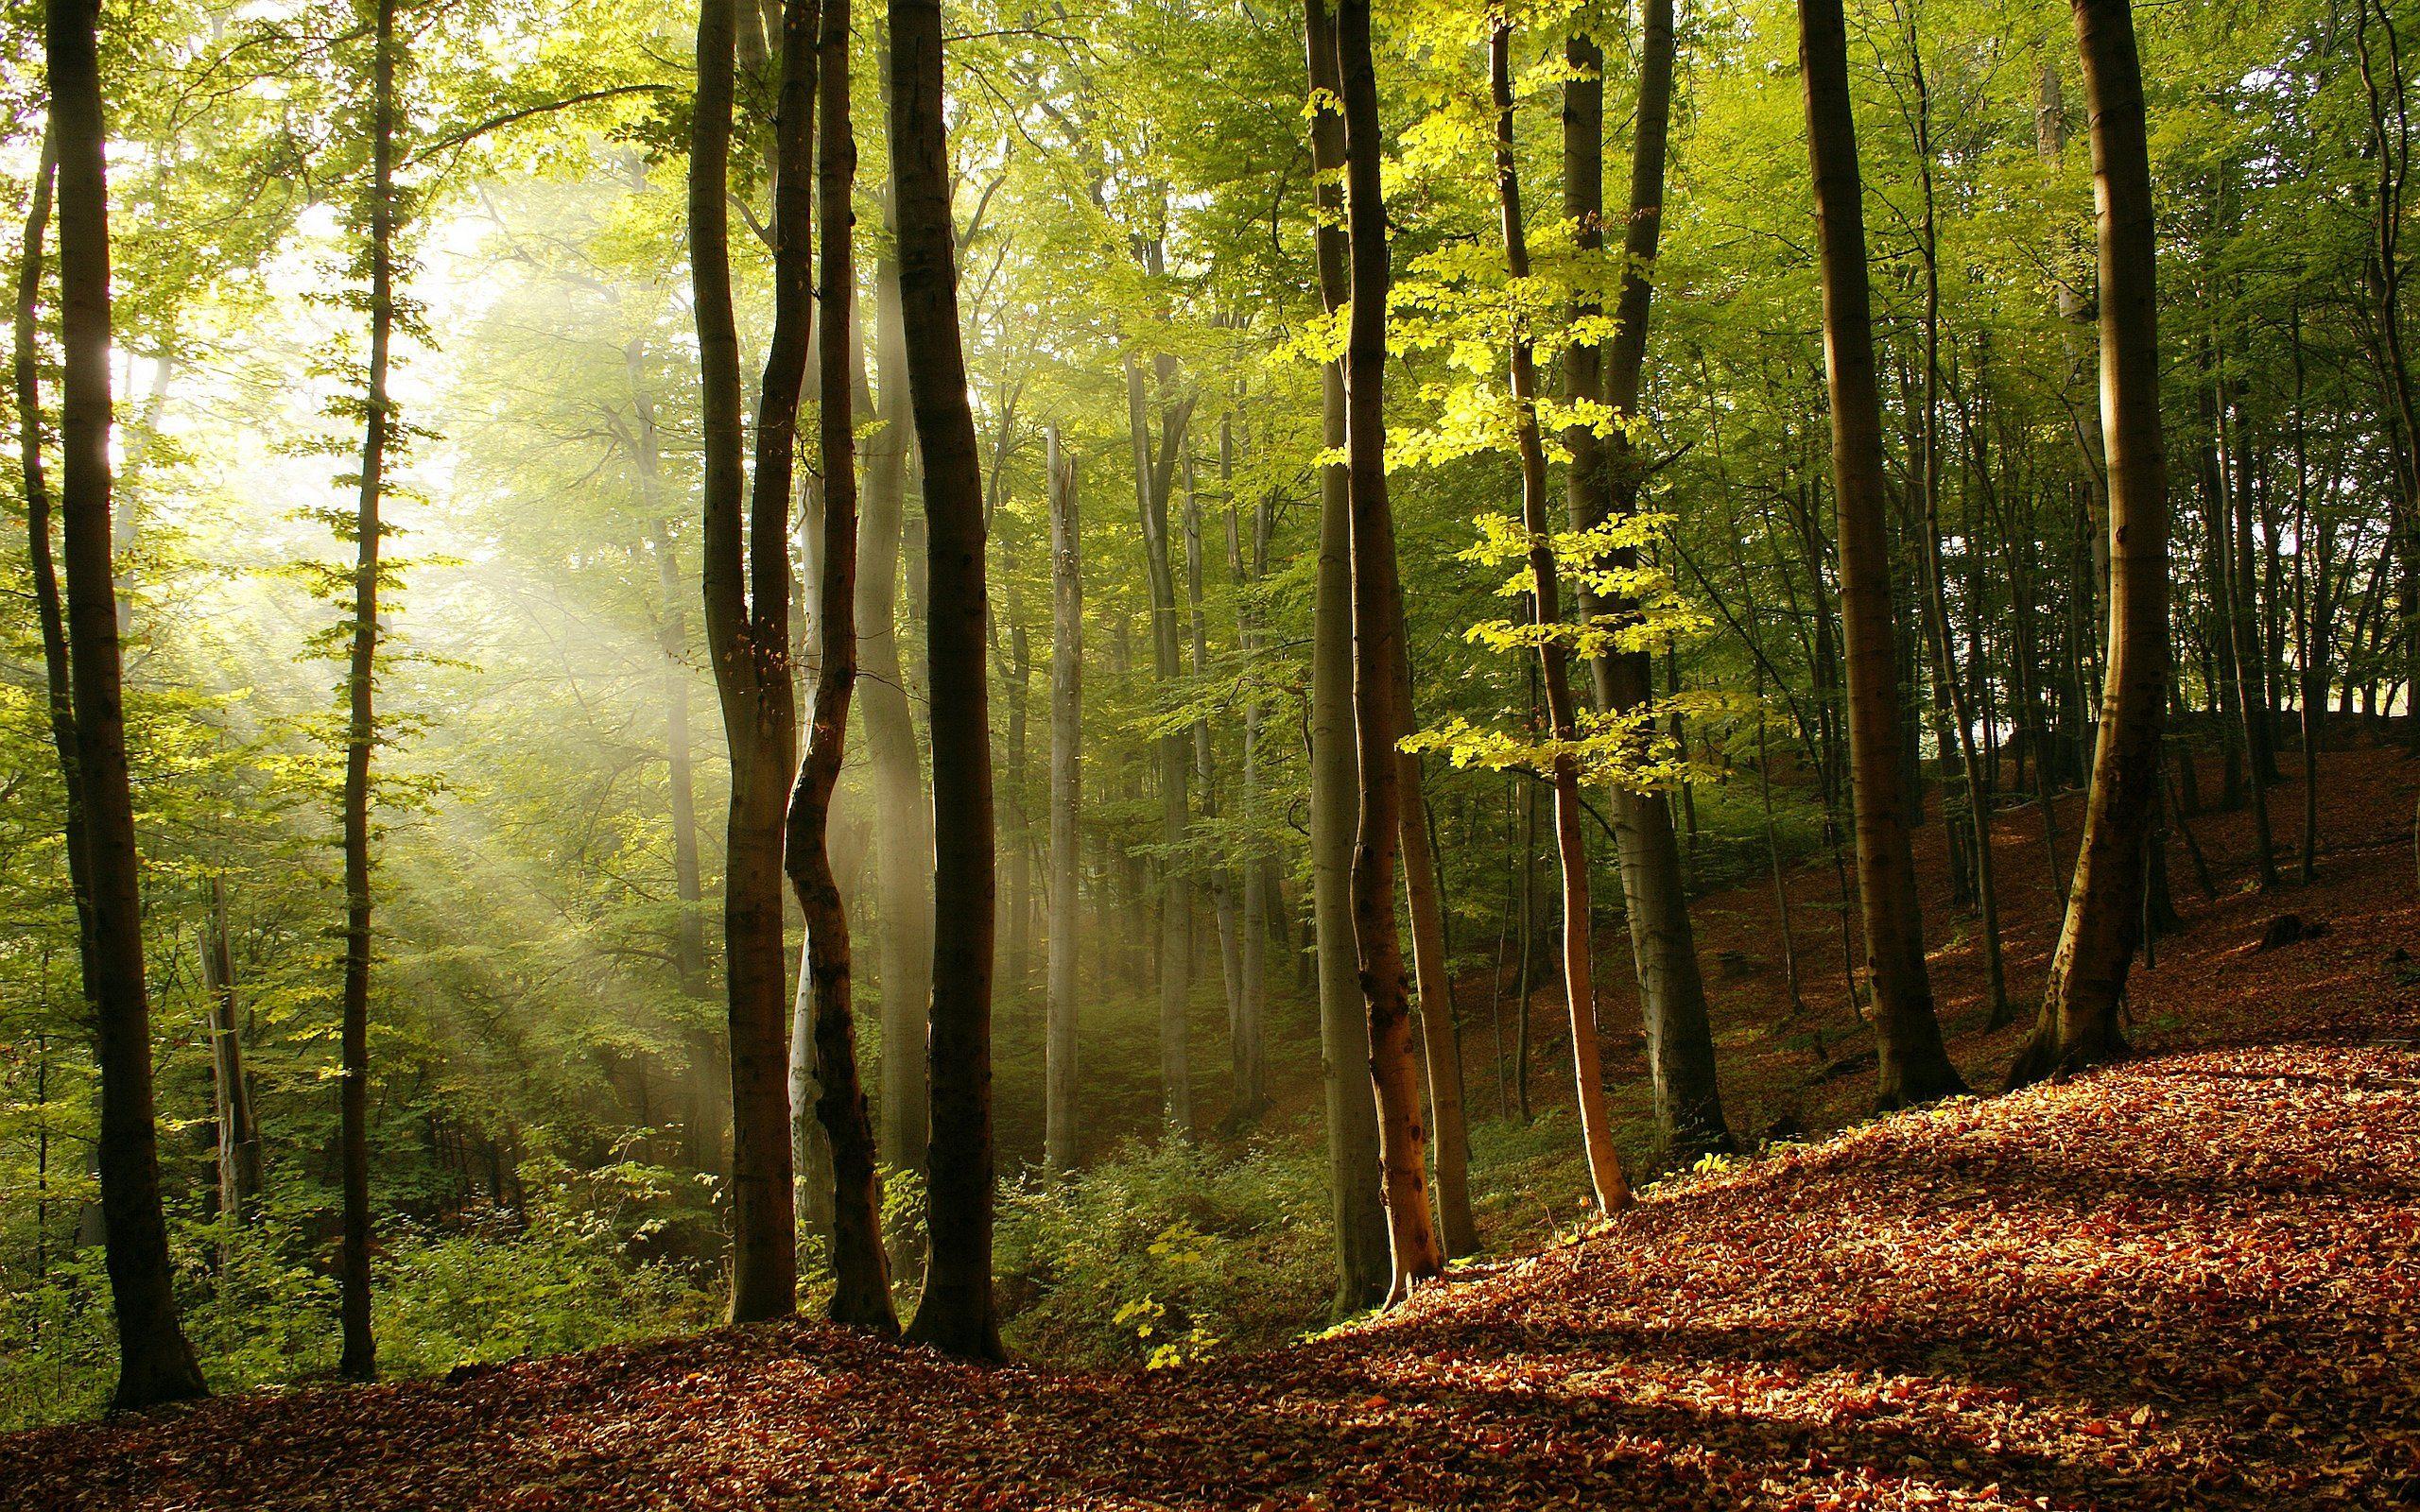 forest autumn wallpaper